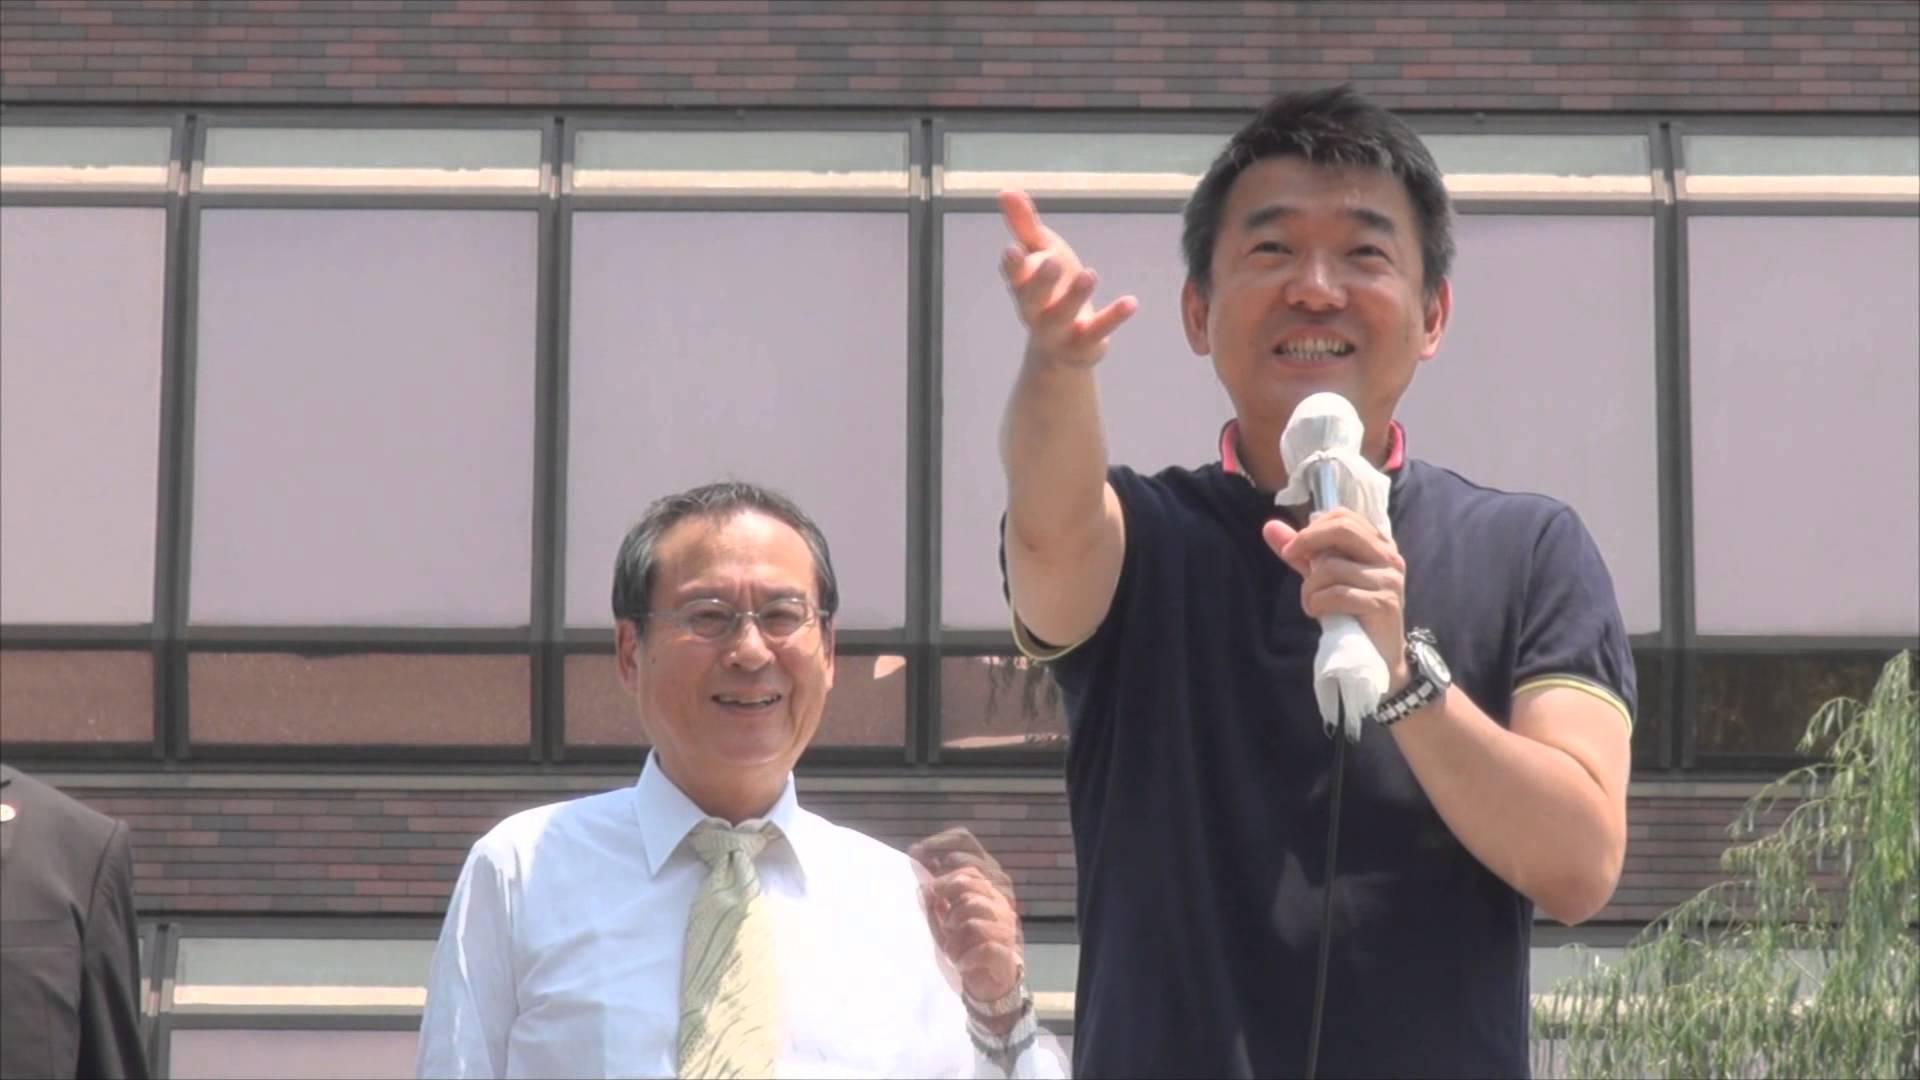 橋下氏「現役世代に、もう少し税金を回して欲しい」 敢えて、おばあちゃんの原宿「東京・巣鴨」で訴えた演説